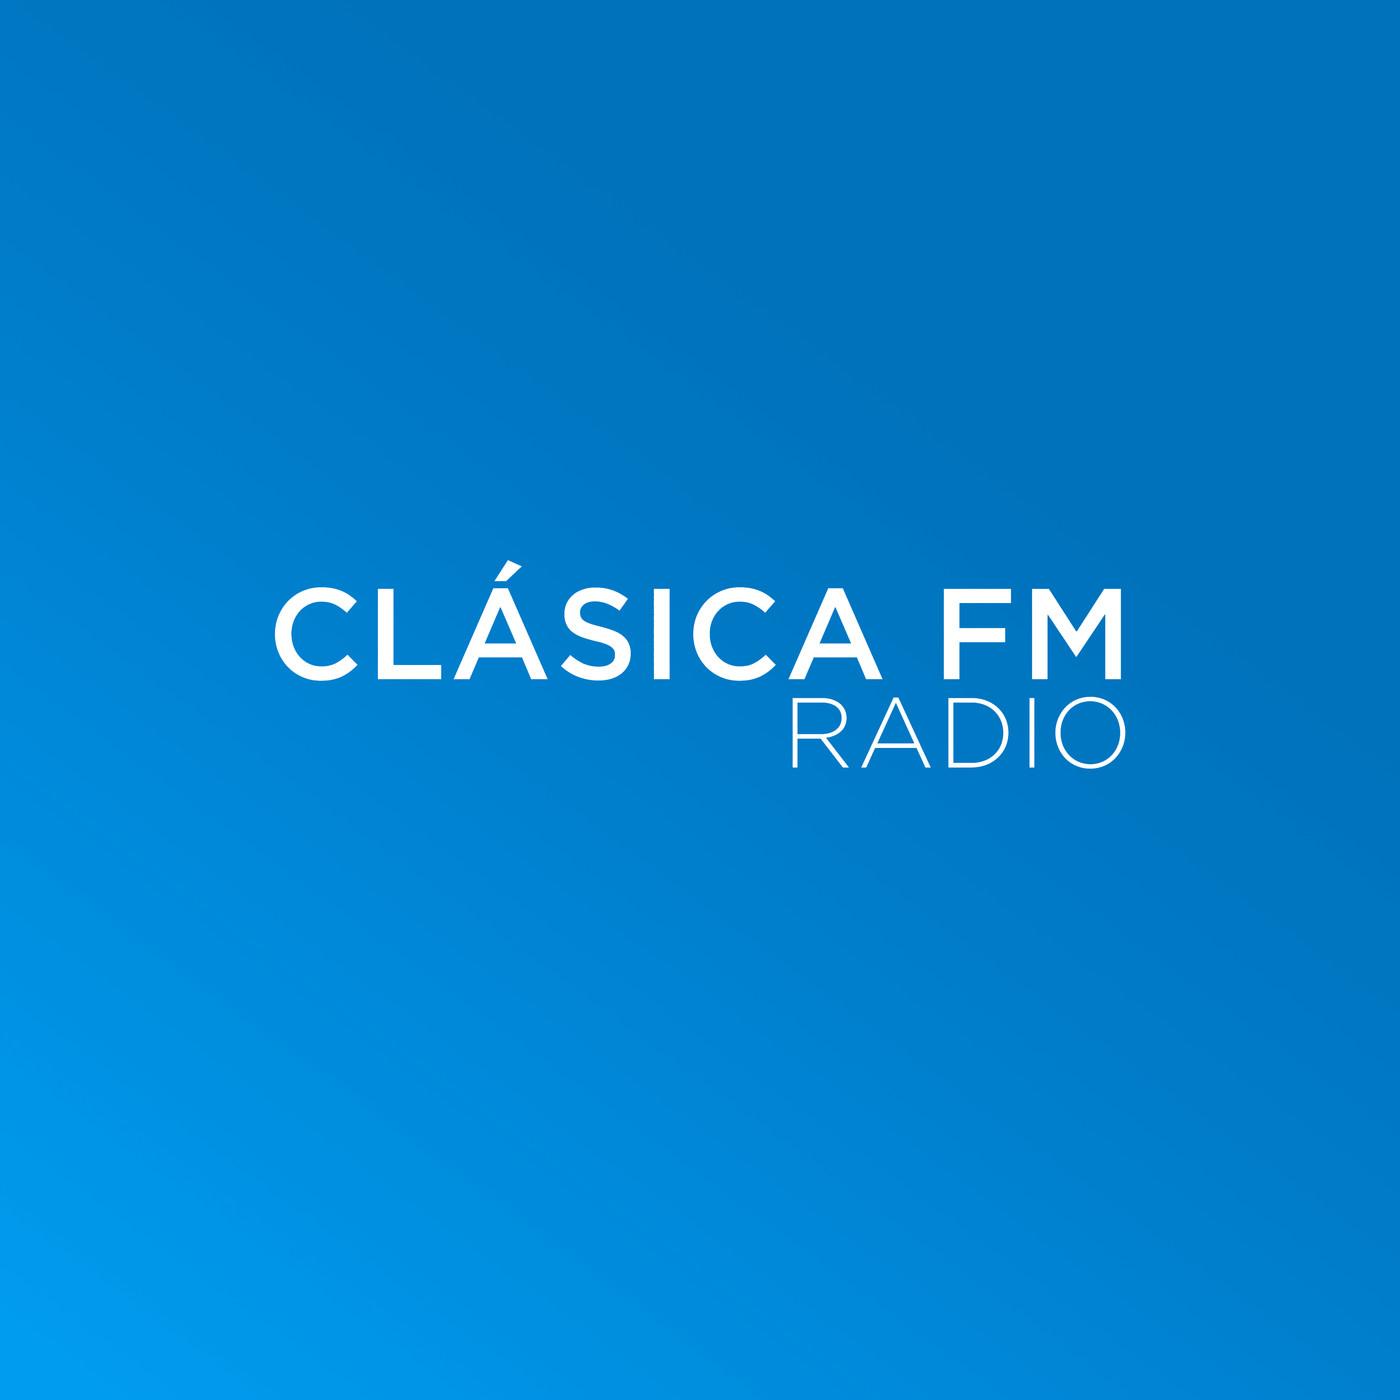 Clásica FM - Música Clásica